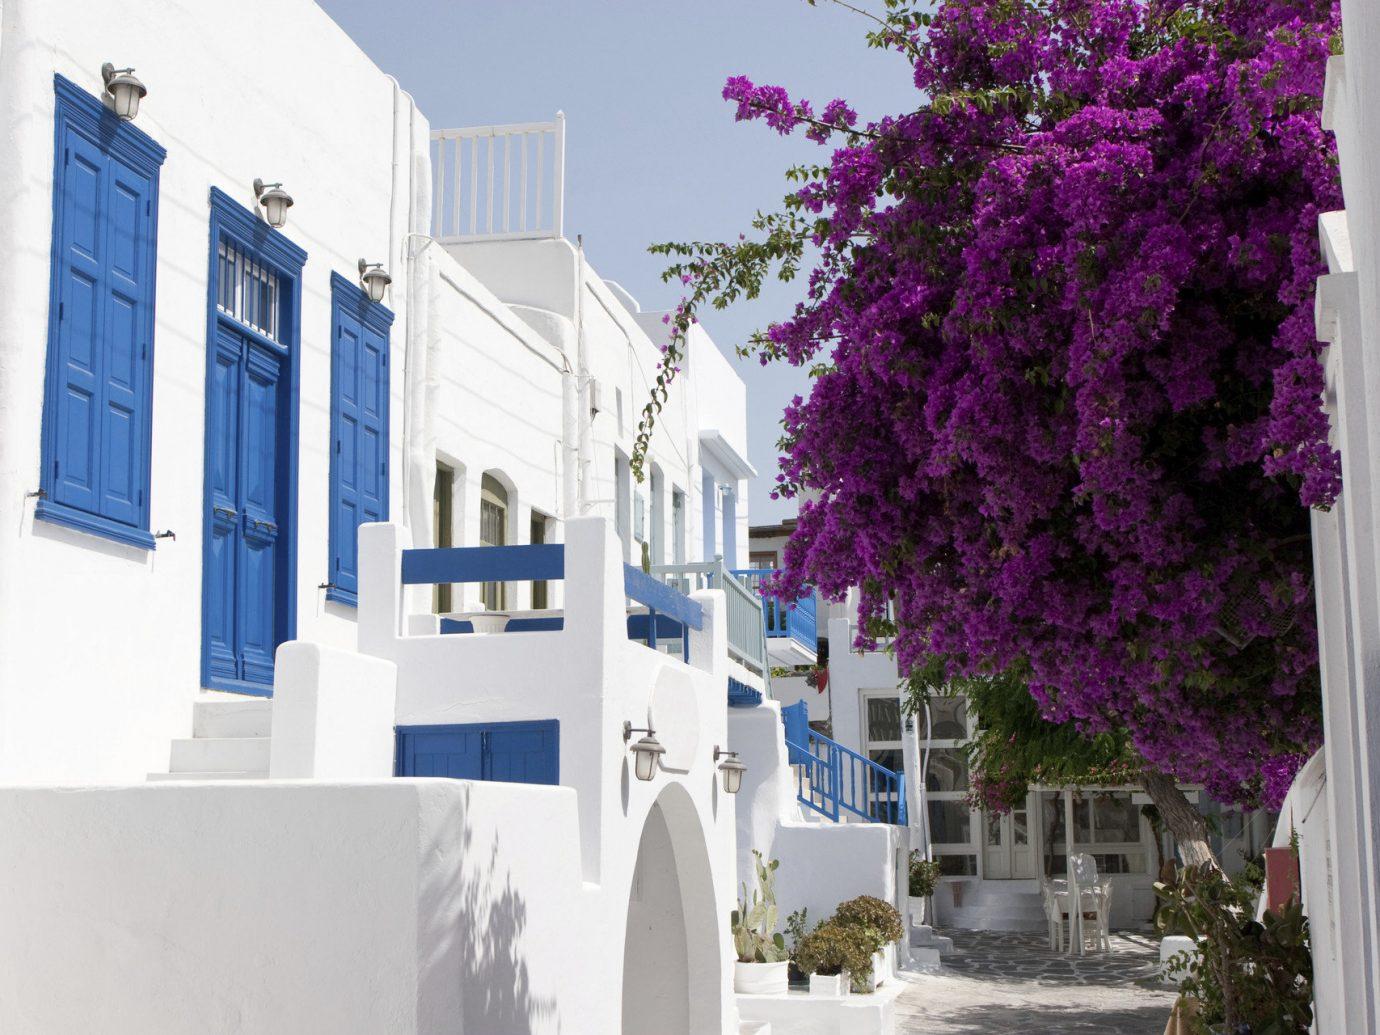 Trip Ideas outdoor Town neighbourhood house residential area facade home street flower